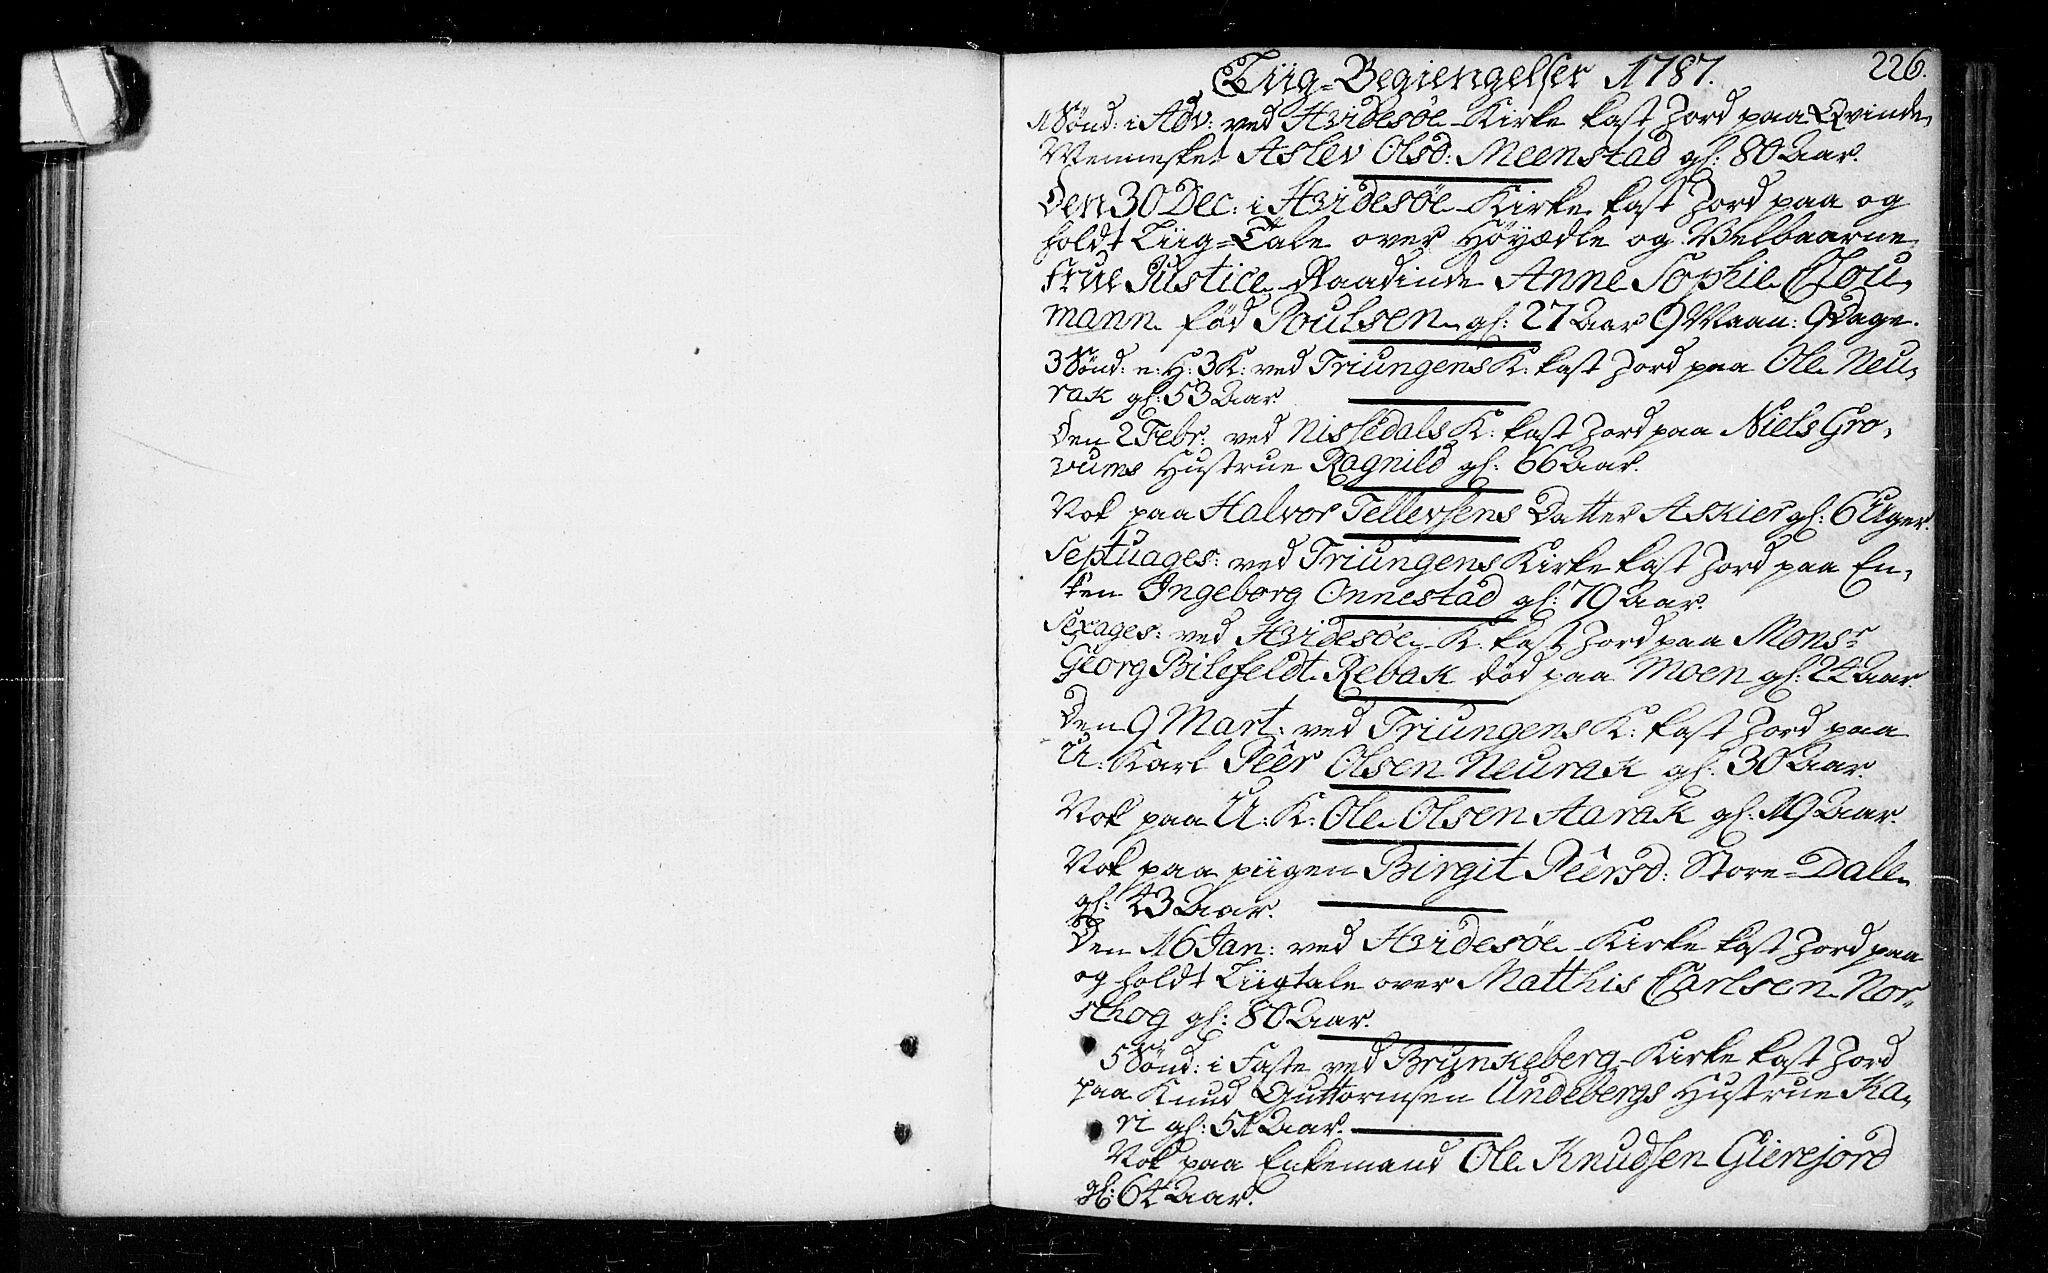 SAKO, Kviteseid kirkebøker, F/Fa/L0003: Ministerialbok nr. I 3, 1787-1799, s. 226